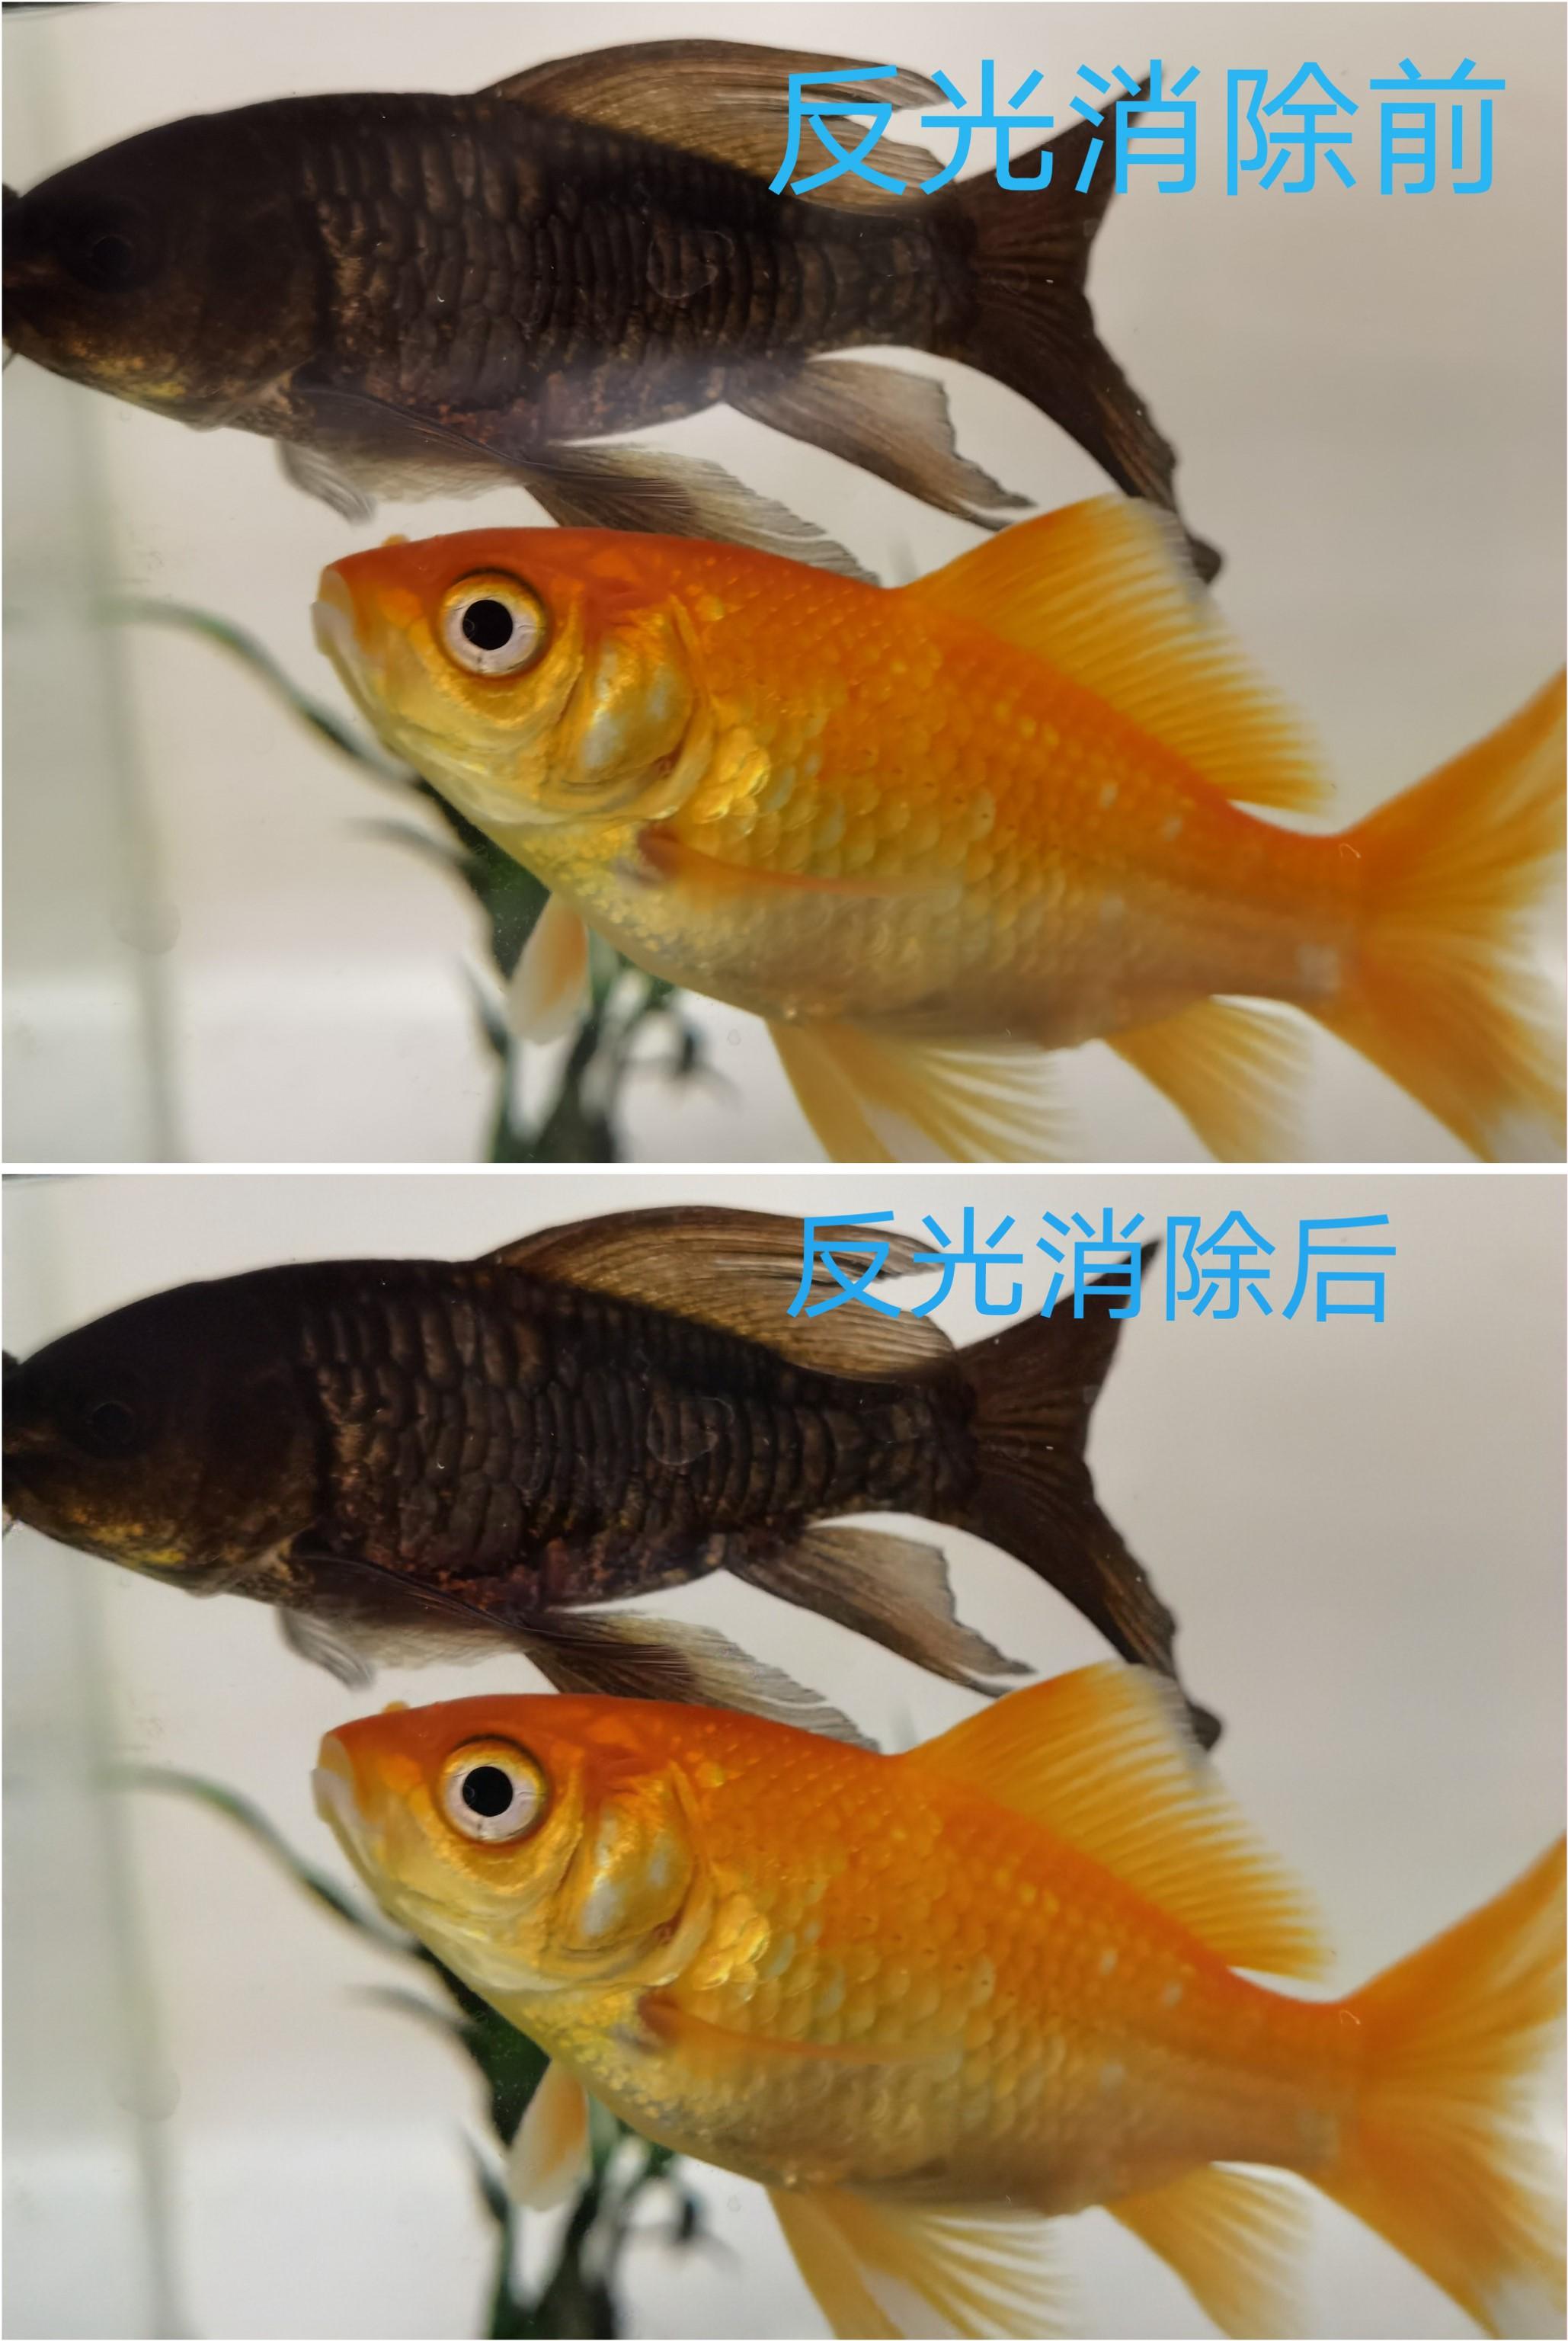 图11鱼缸.jpg